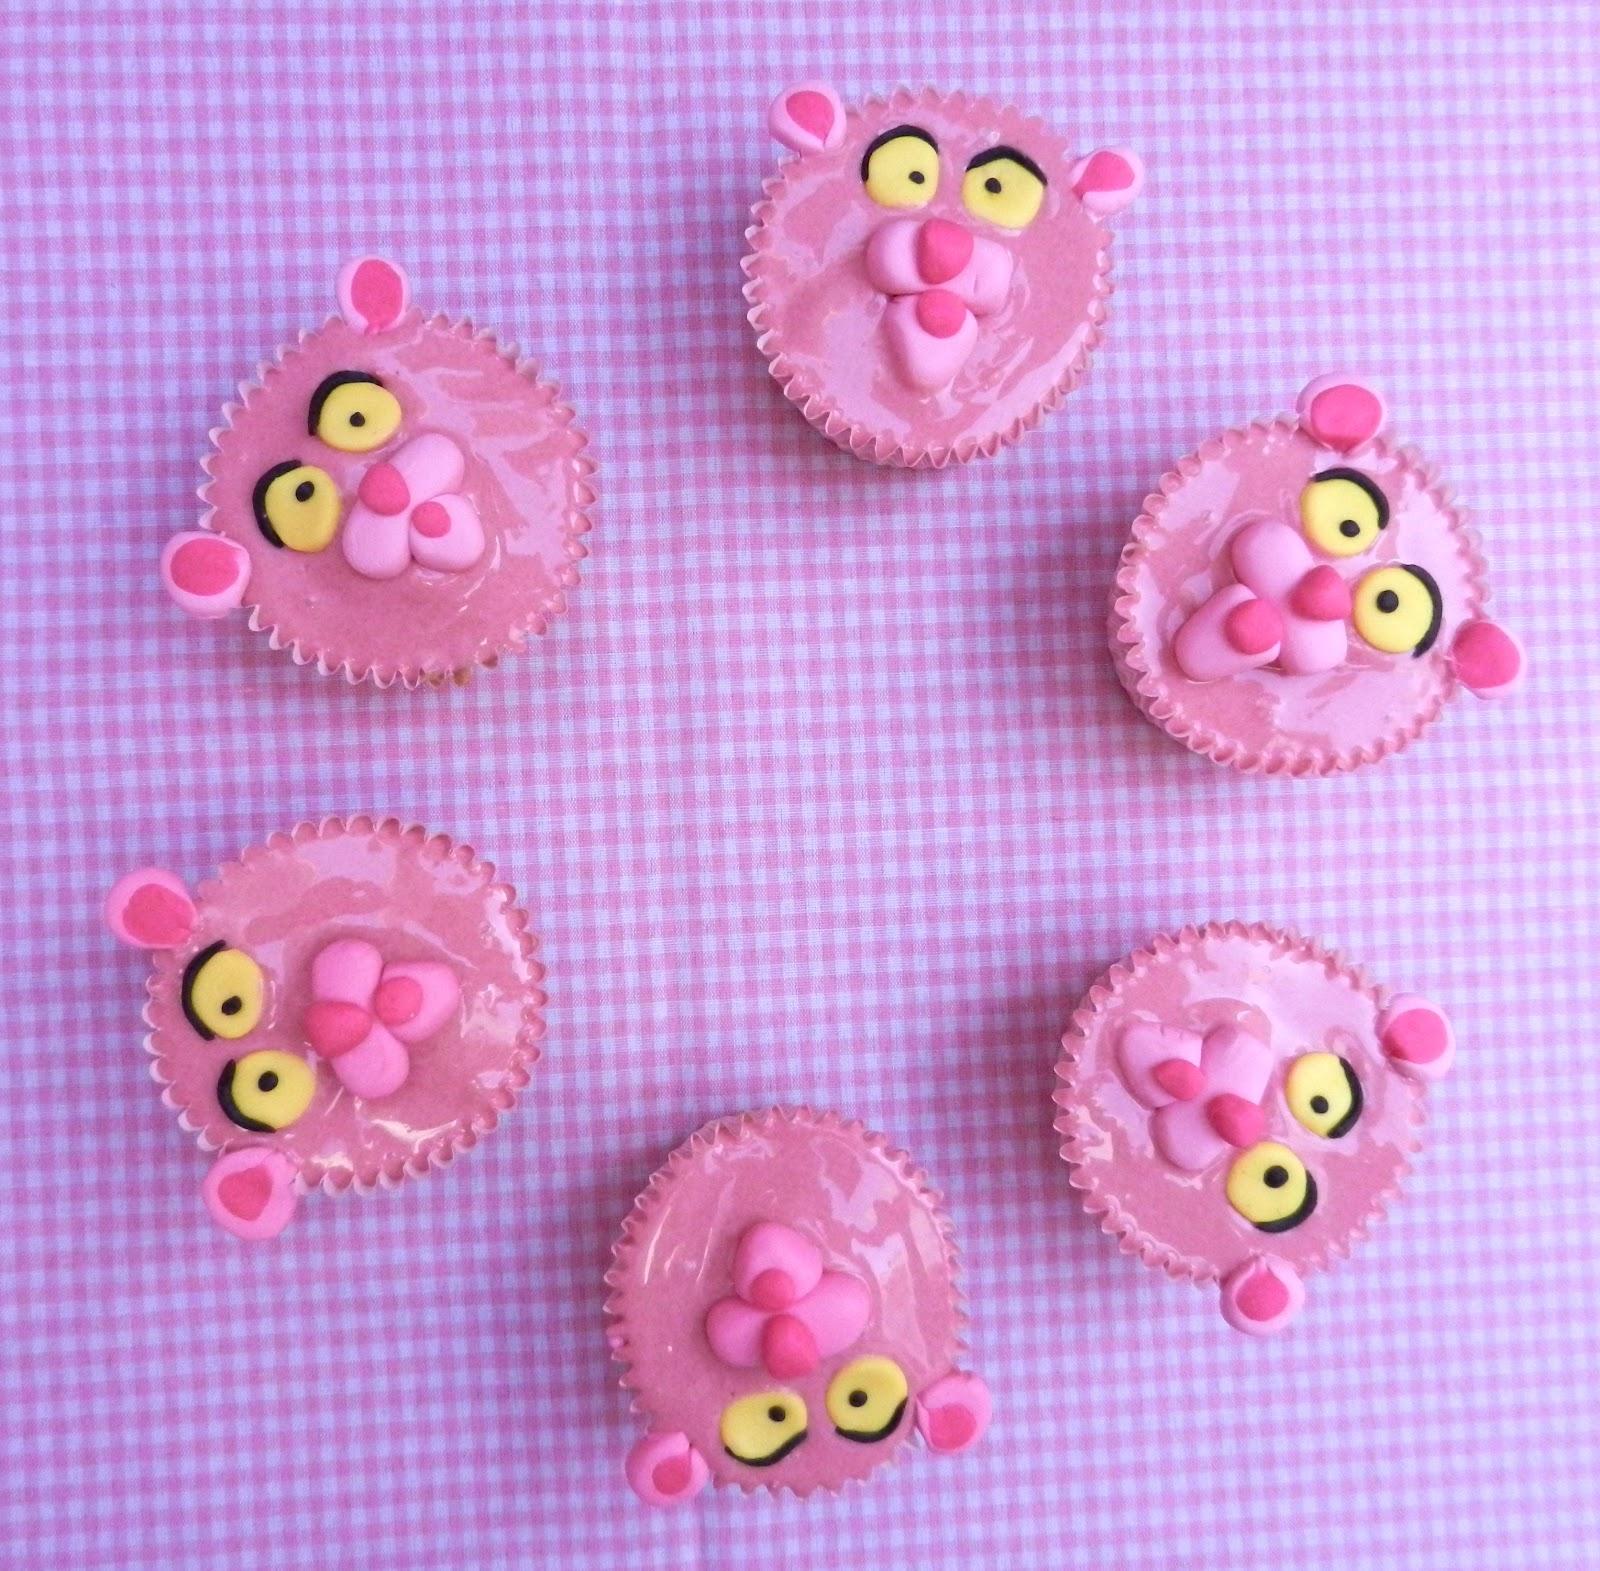 http://3.bp.blogspot.com/-gHOdvmwgis0/T8Z6PS8WulI/AAAAAAAAArk/kUa3IcLx8Fc/s1600/pink+panther+012.JPG